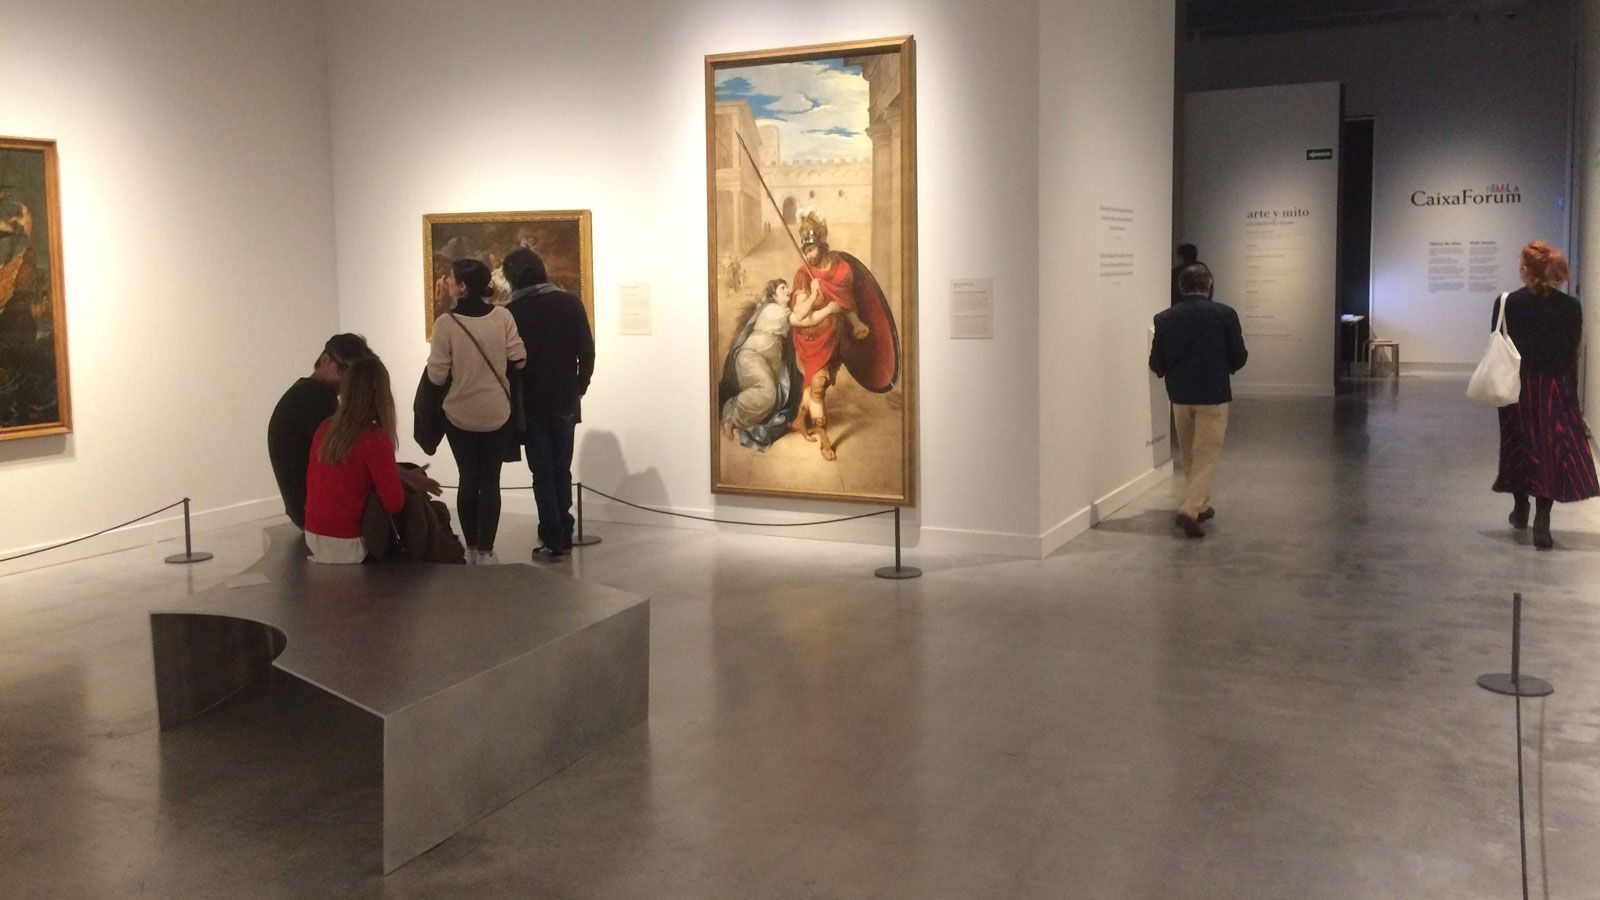 seville caixaforum museum